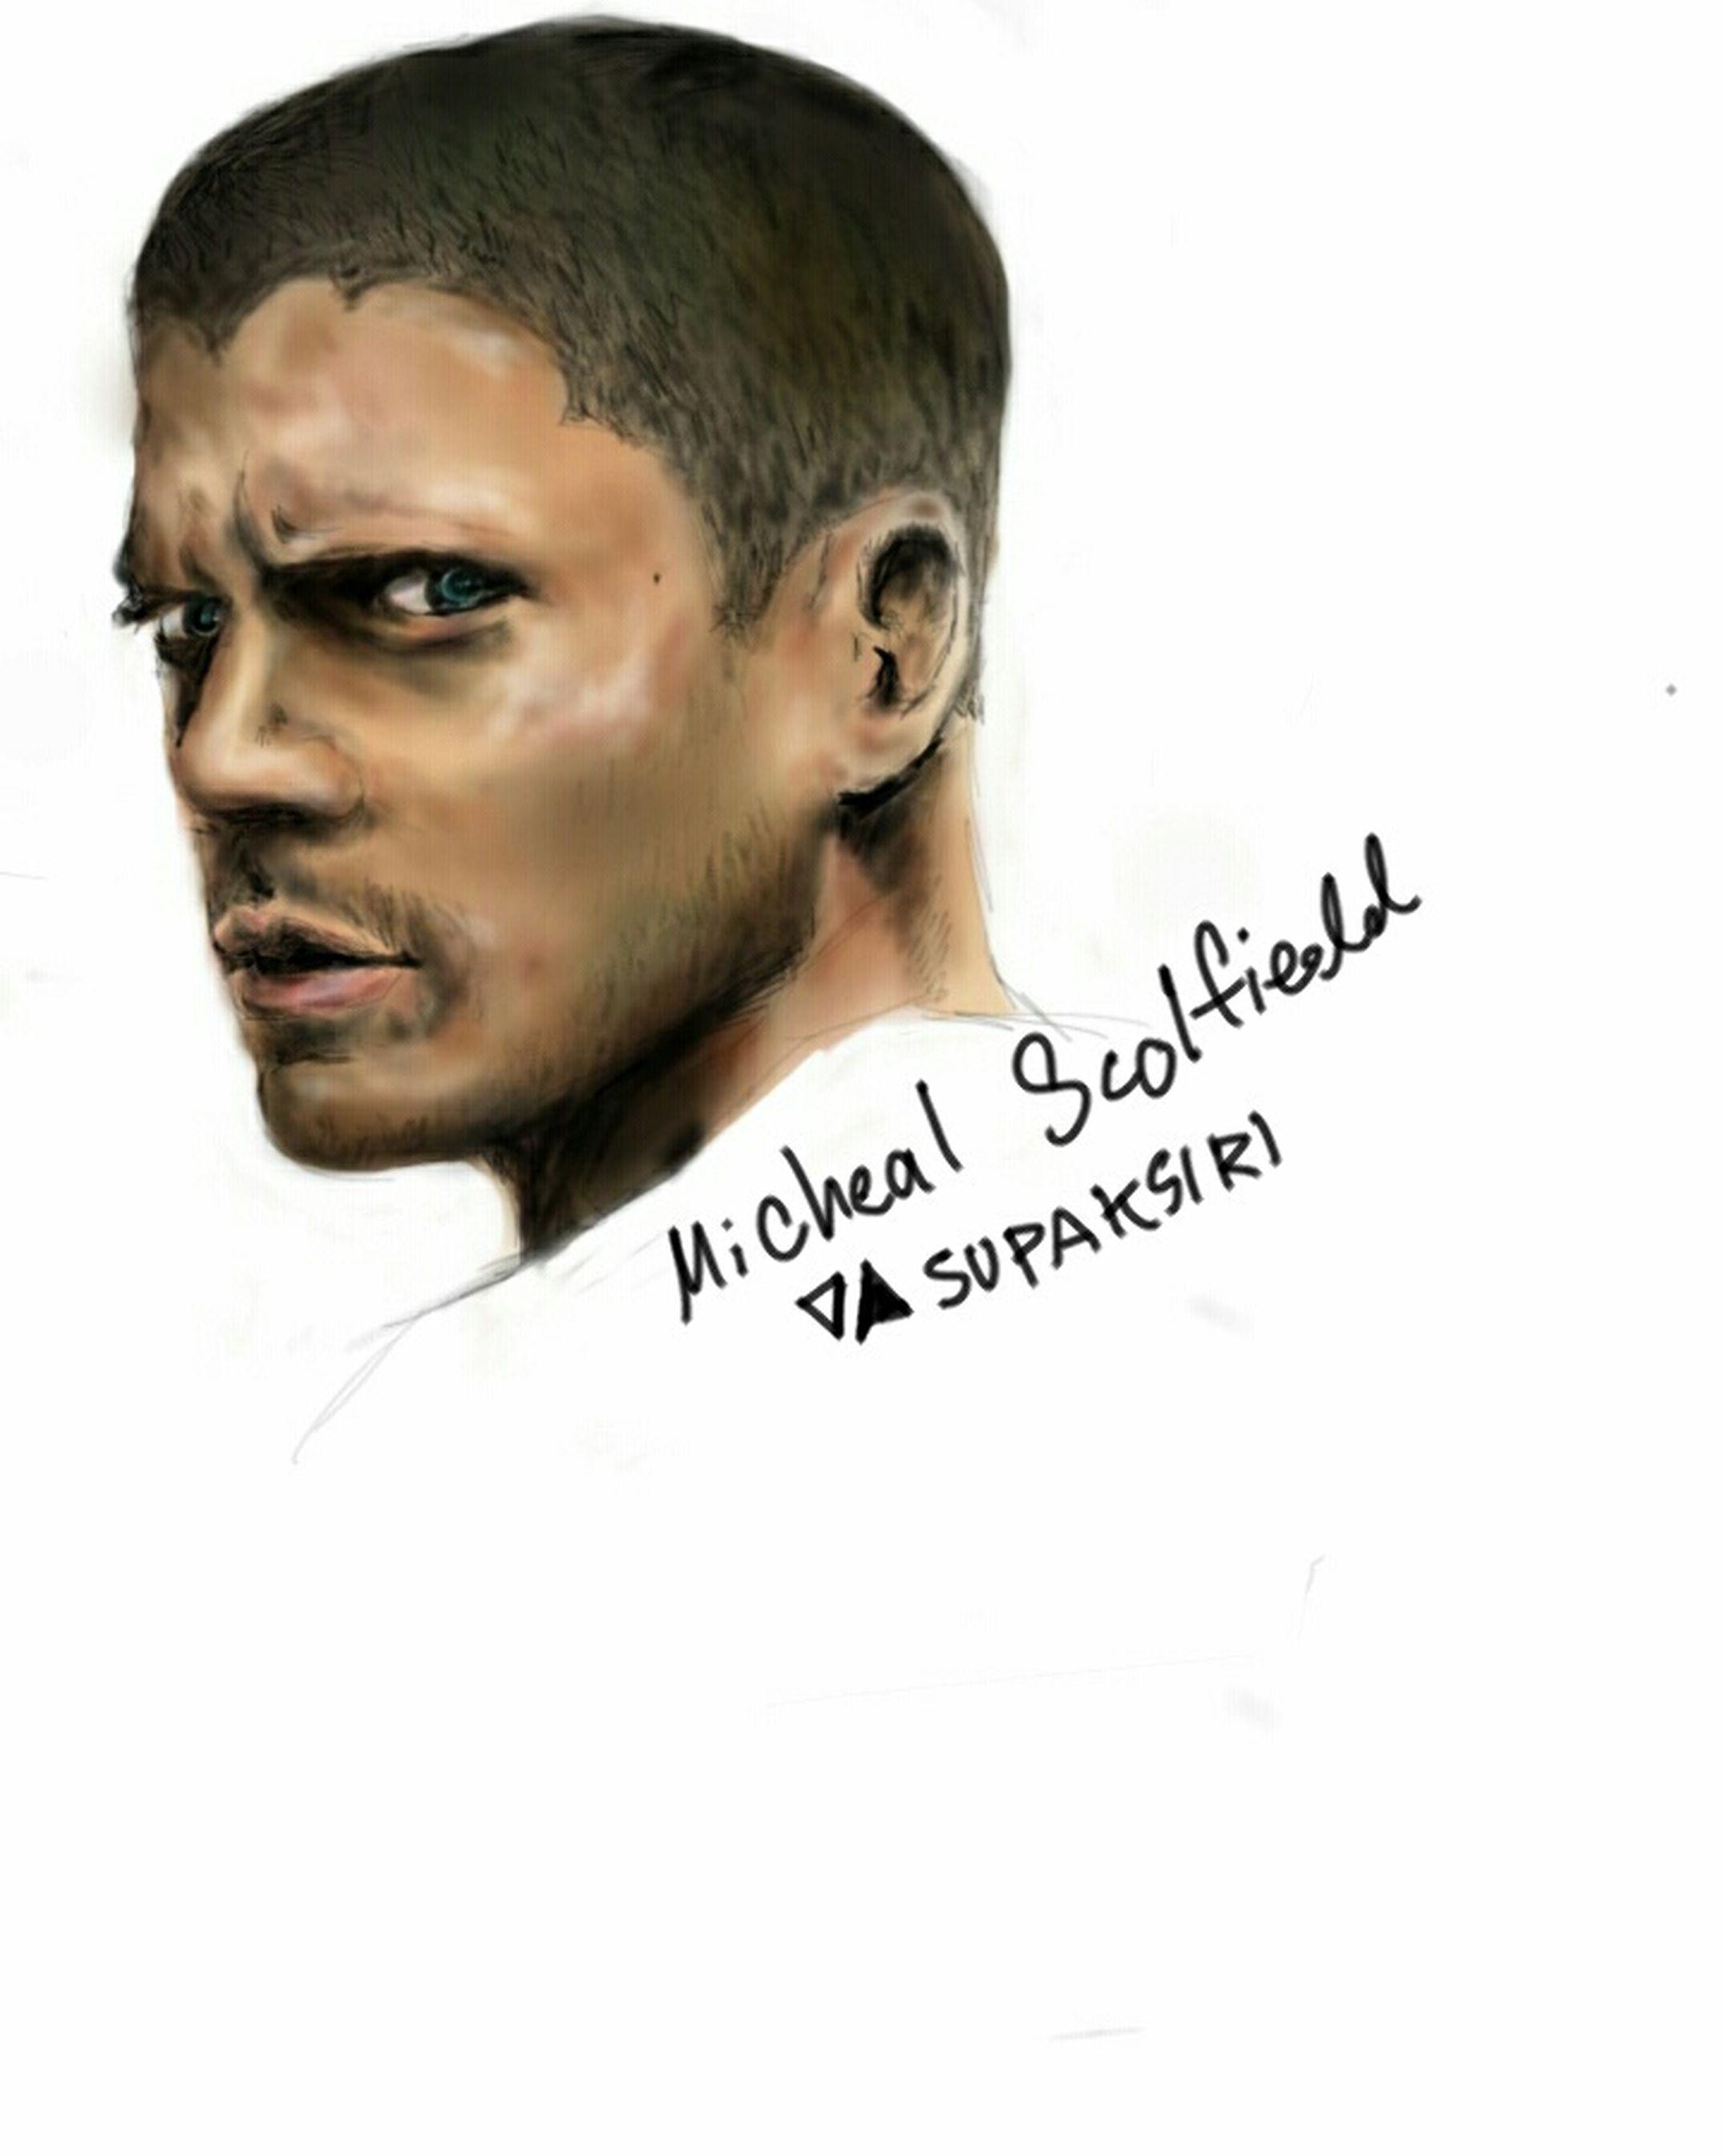 ArtWork Drawing drawing Art Sketch Drawings Sketchbook Prisonbreak Micheal Scofield